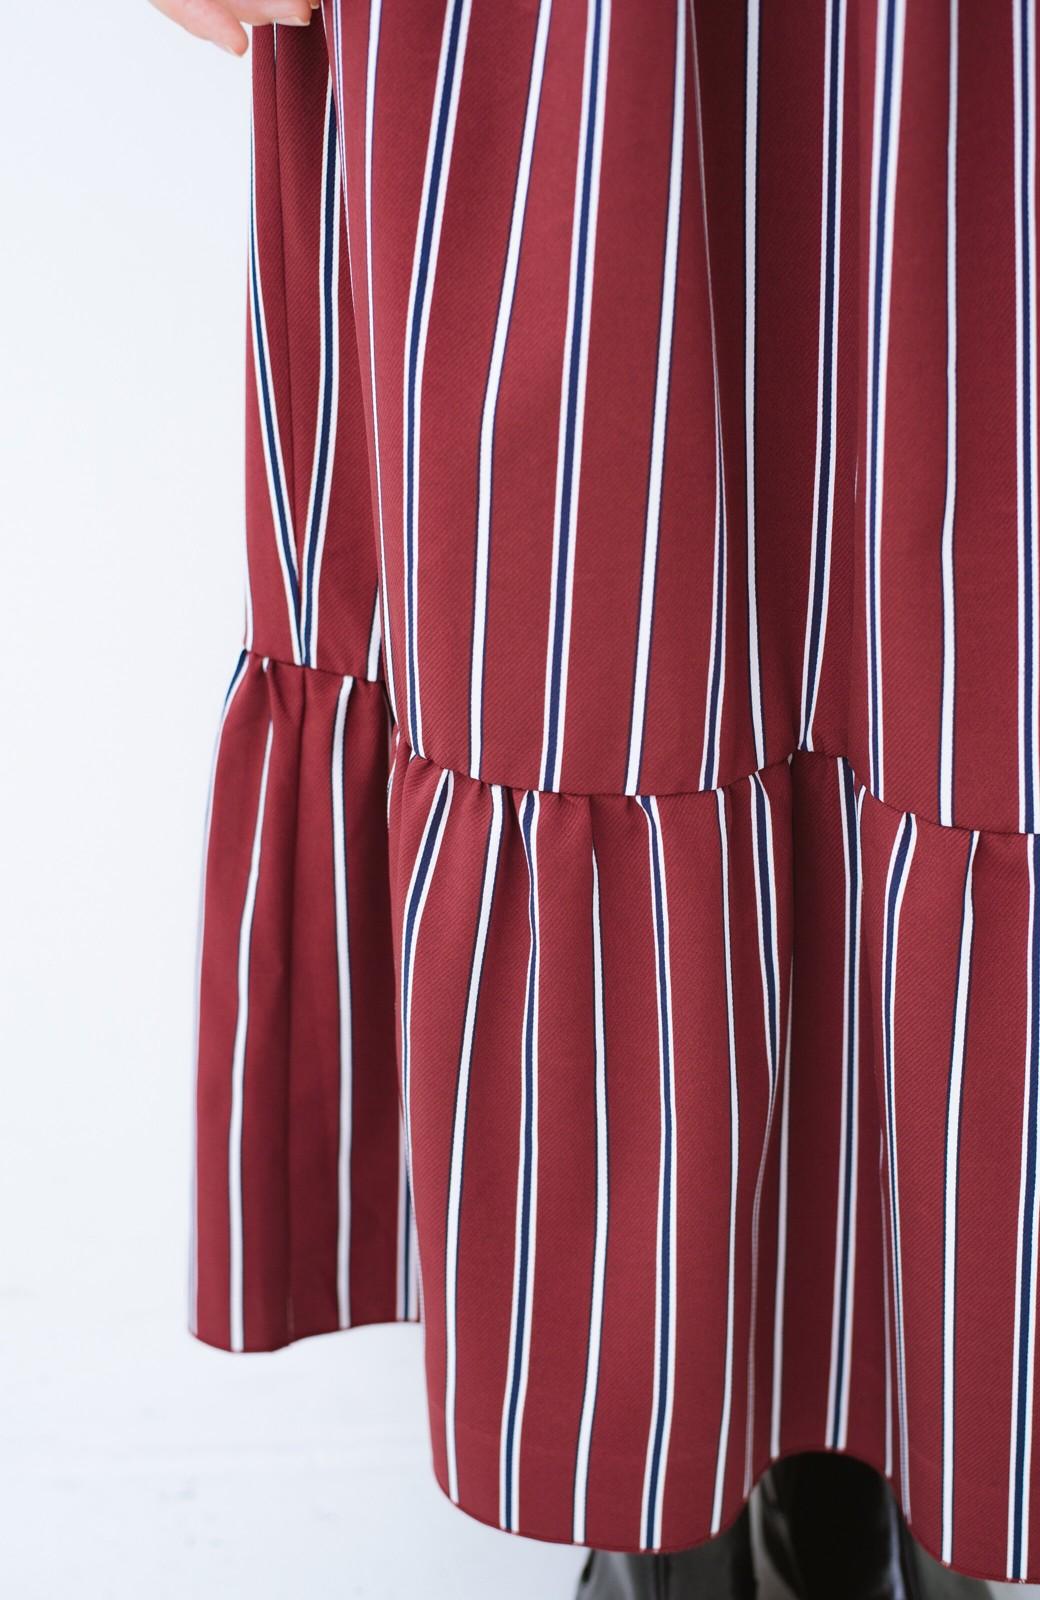 haco! 着るだけでテンション上げられる レジメンタルストライプのハイネックワンピース <ワインレッド>の商品写真8